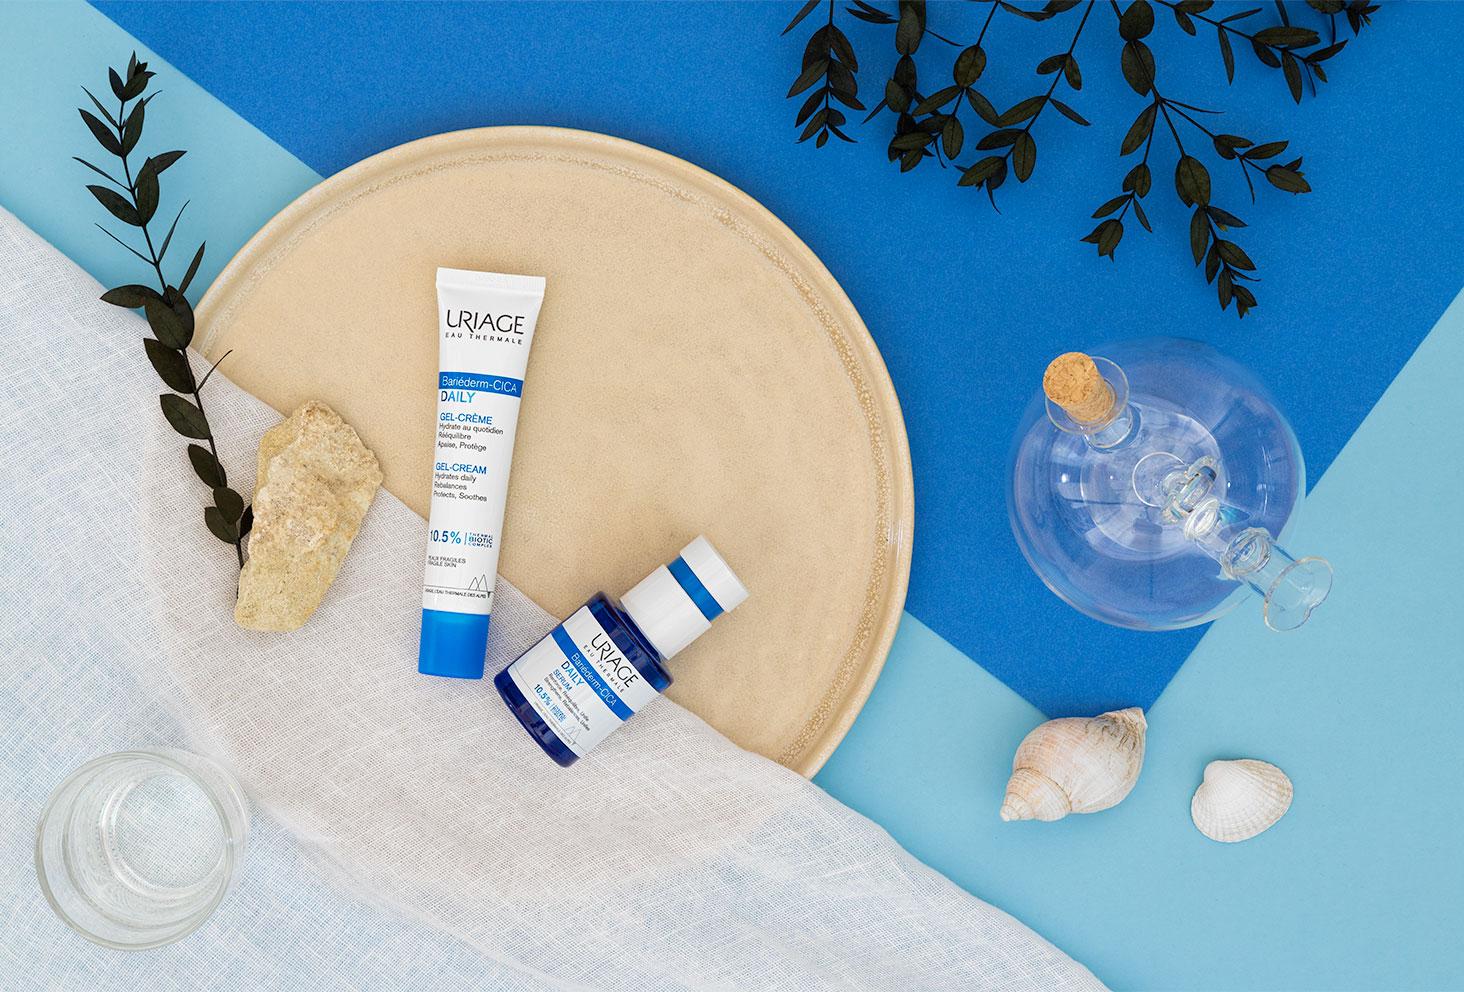 La gamme Bariéderm-CICA Uriage dans une assiette ronde avec des pierres et des coquillages, sur un fond bleu avec des branches d'eucalyptus